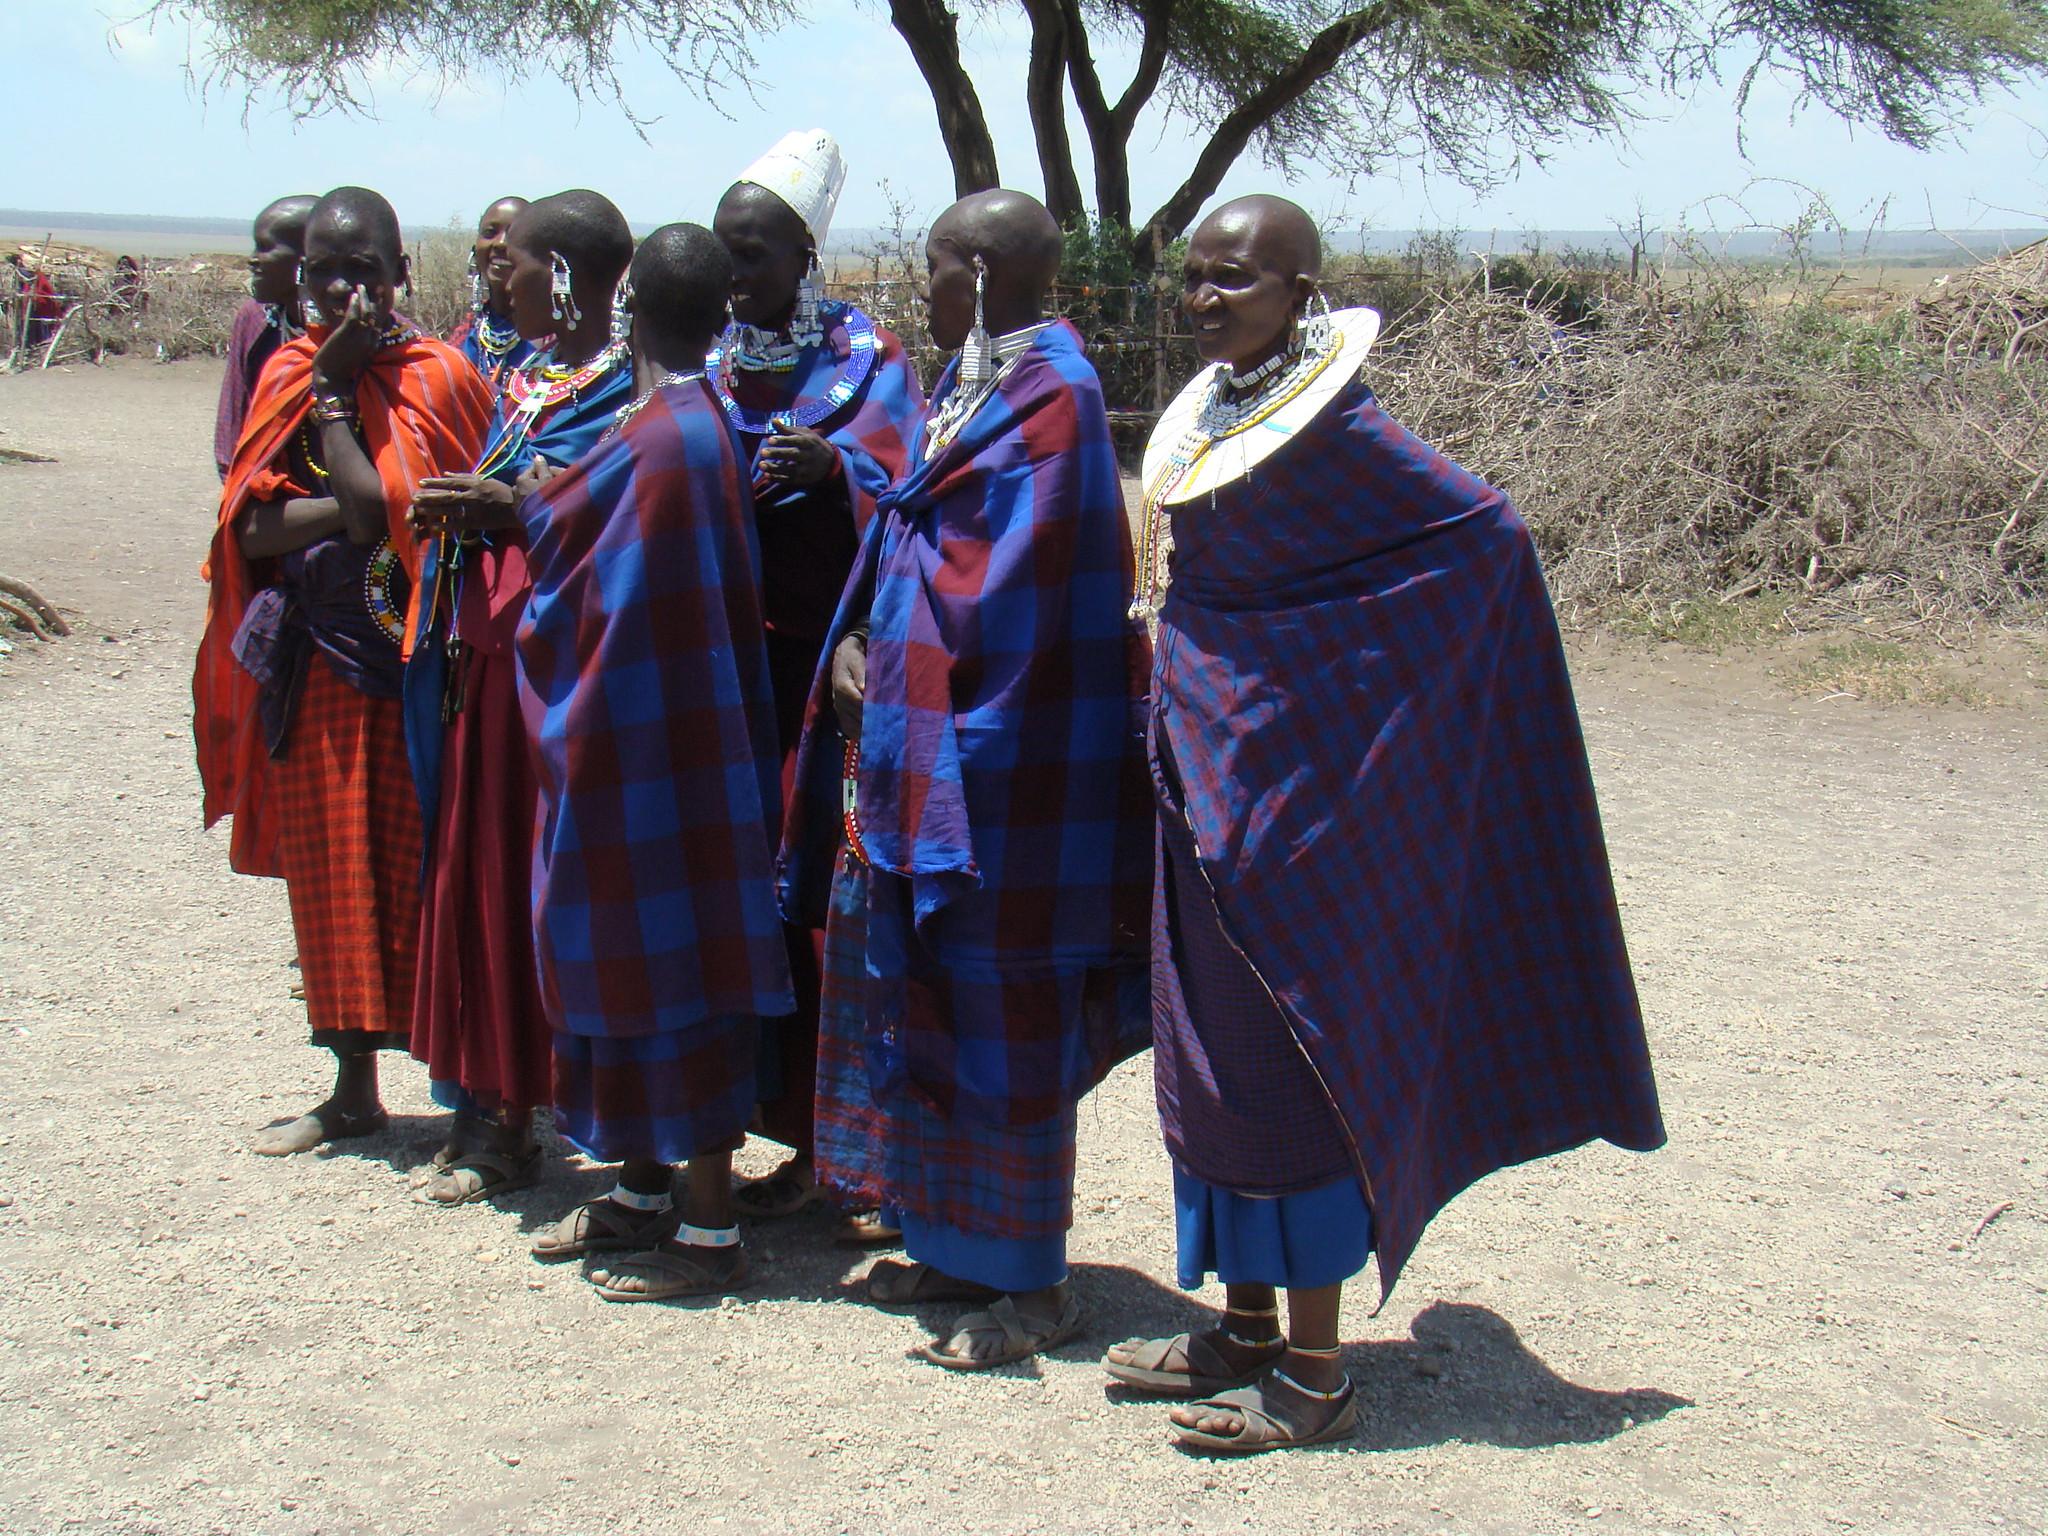 etnia Masai su gente Tanzania